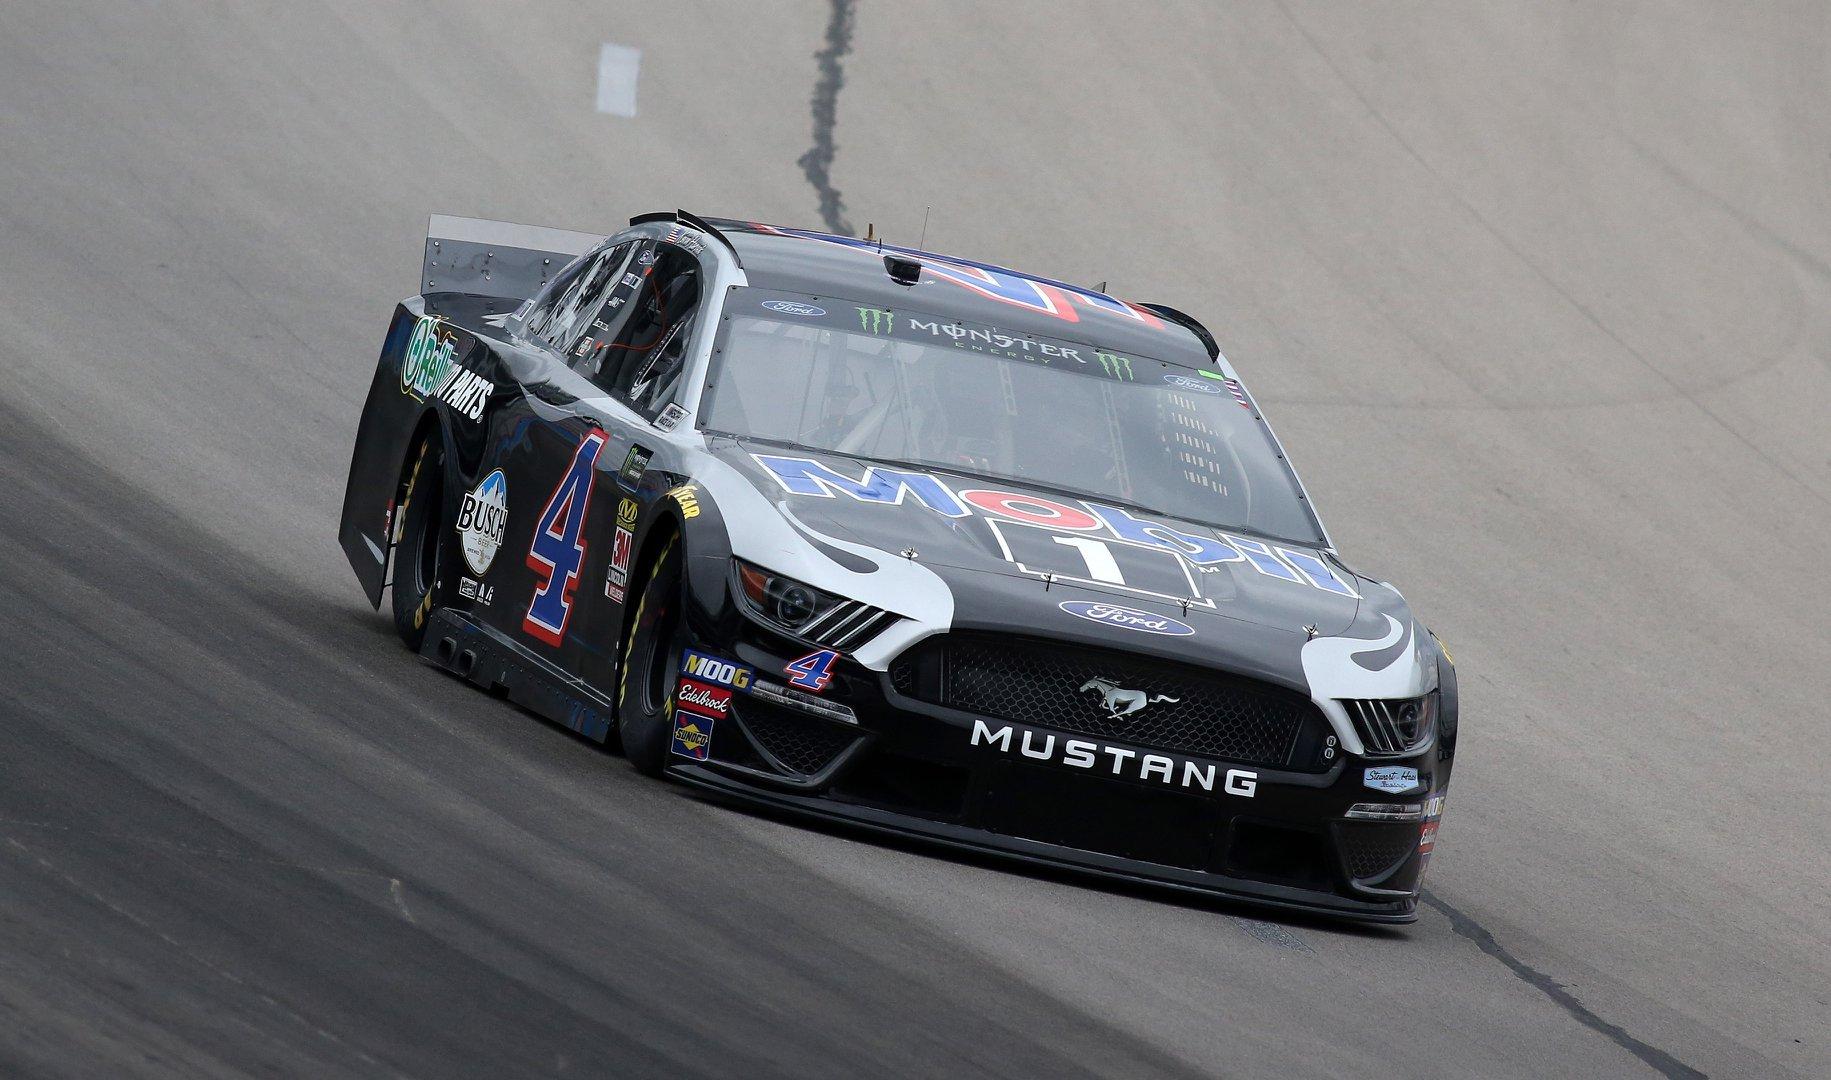 Kevin Harvick at Texas Motor Speedway - NASCAR